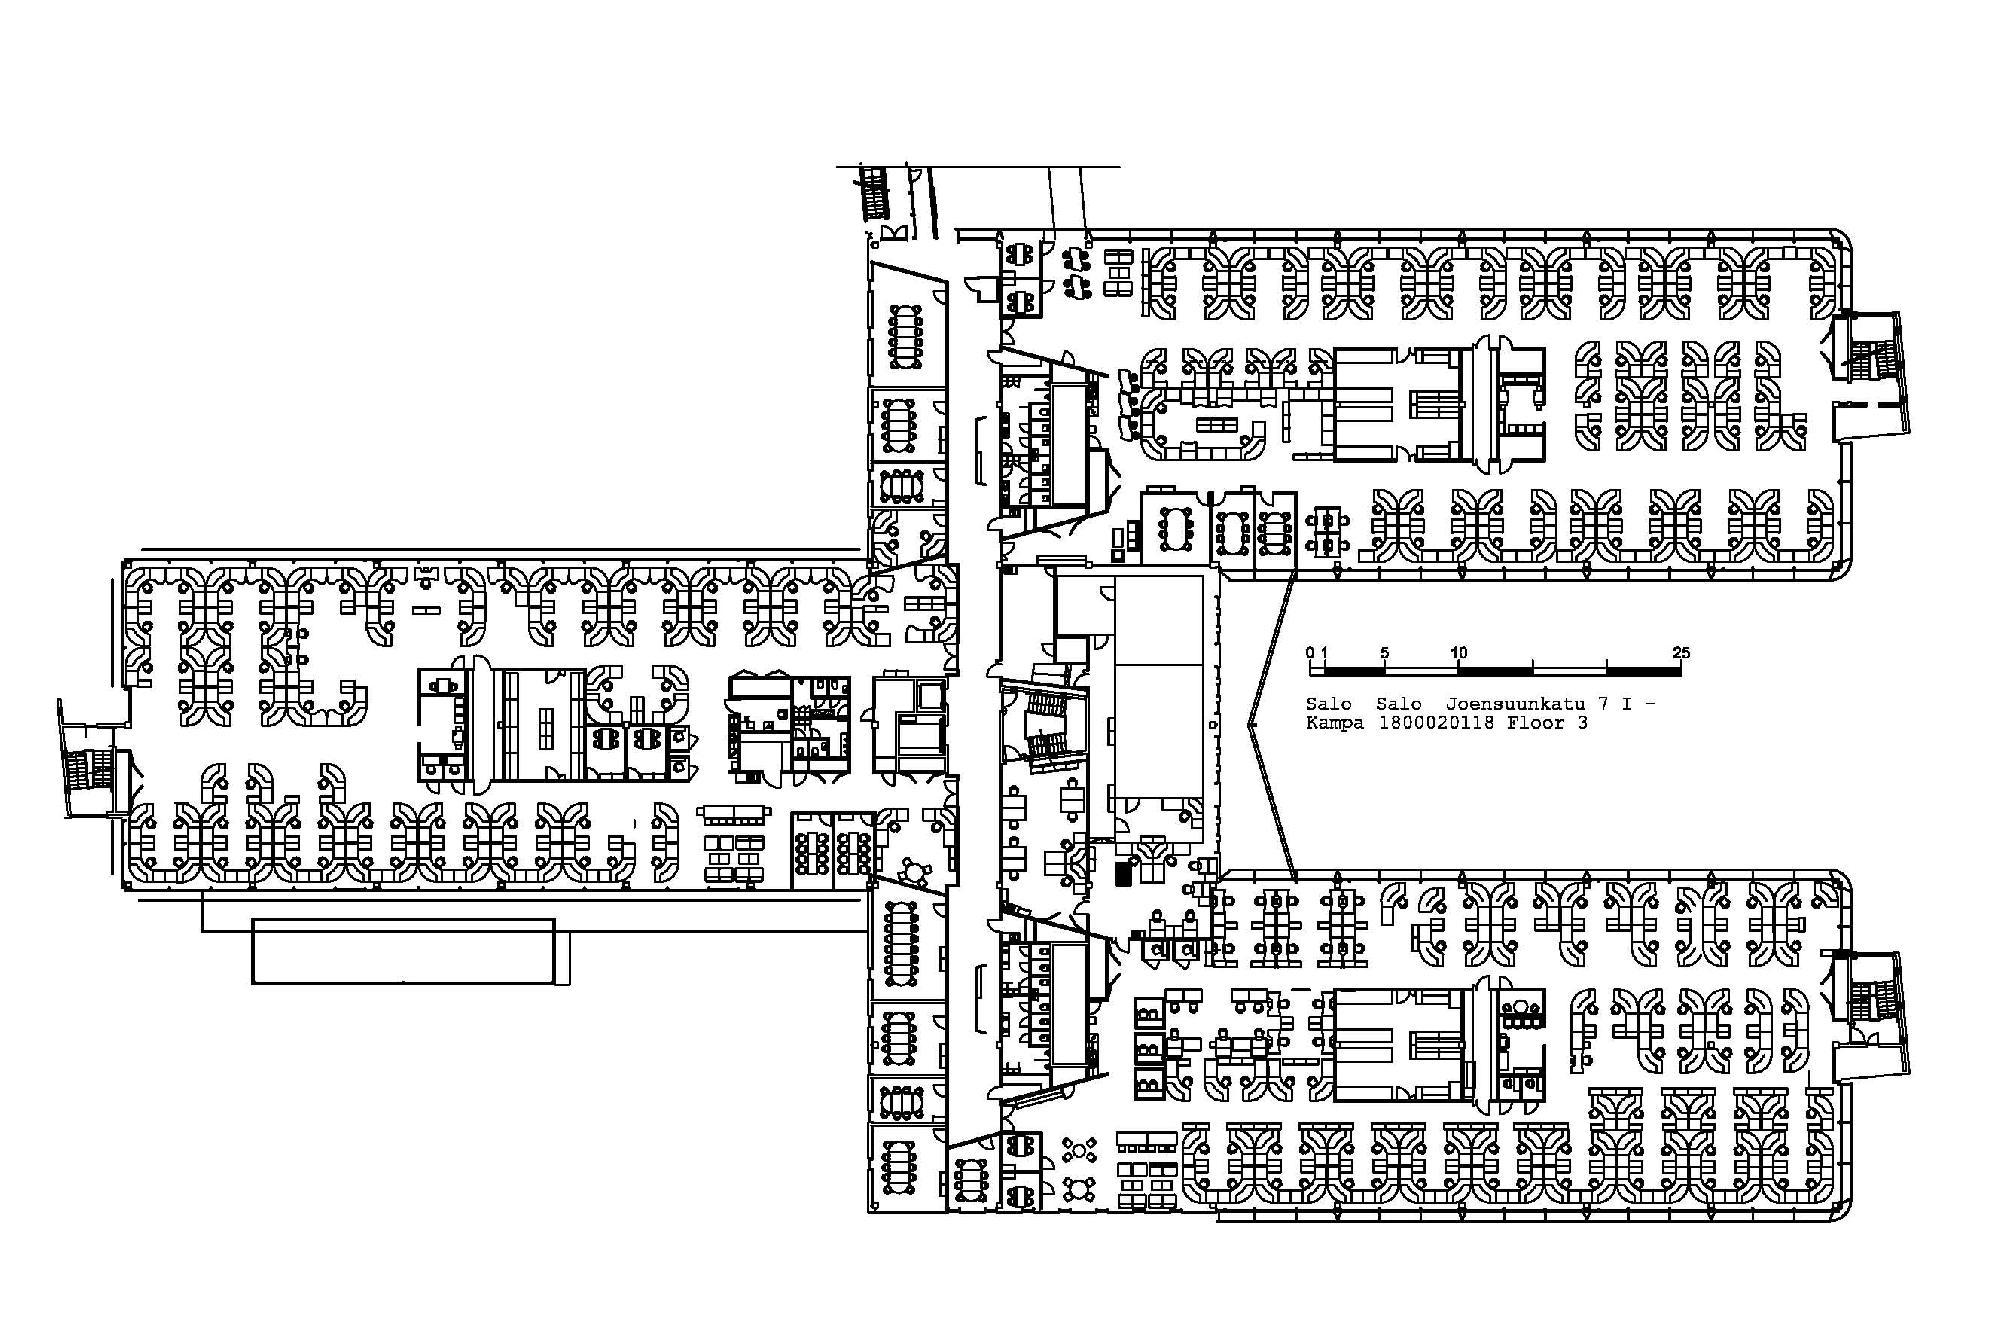 Joensuunkatu 7 SALO Kampa, 7580m2, Useita kerroksia, Toimistotila